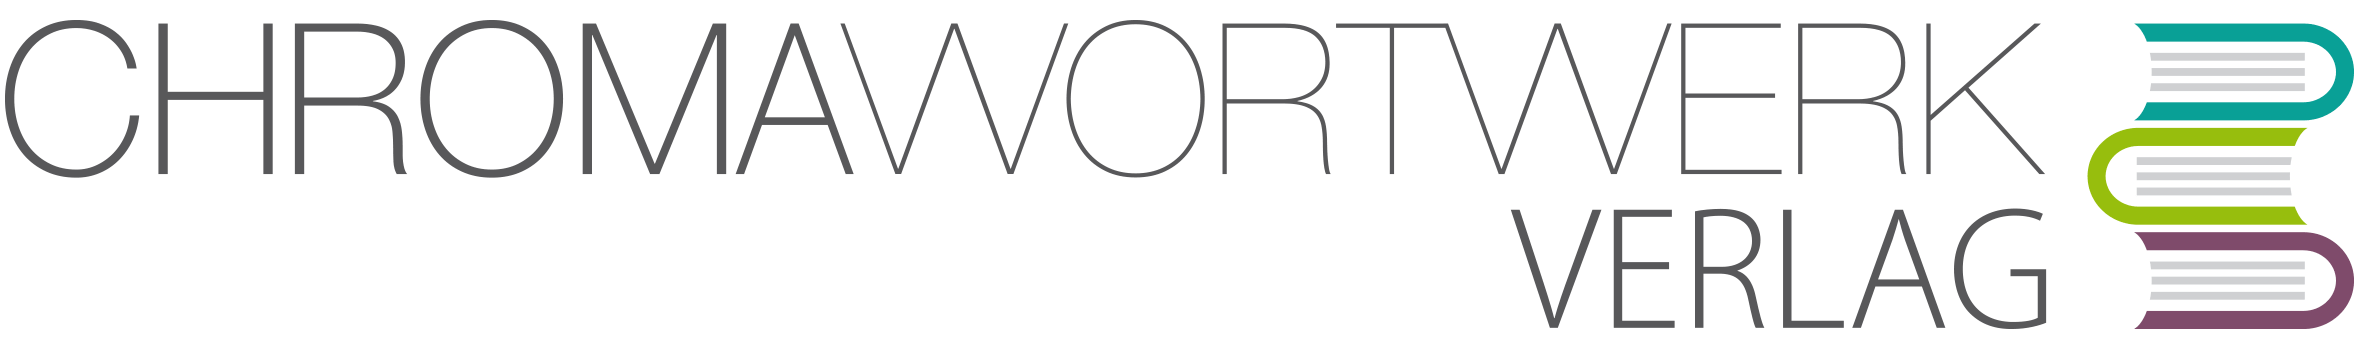 Chroma Wortwerk Verlag